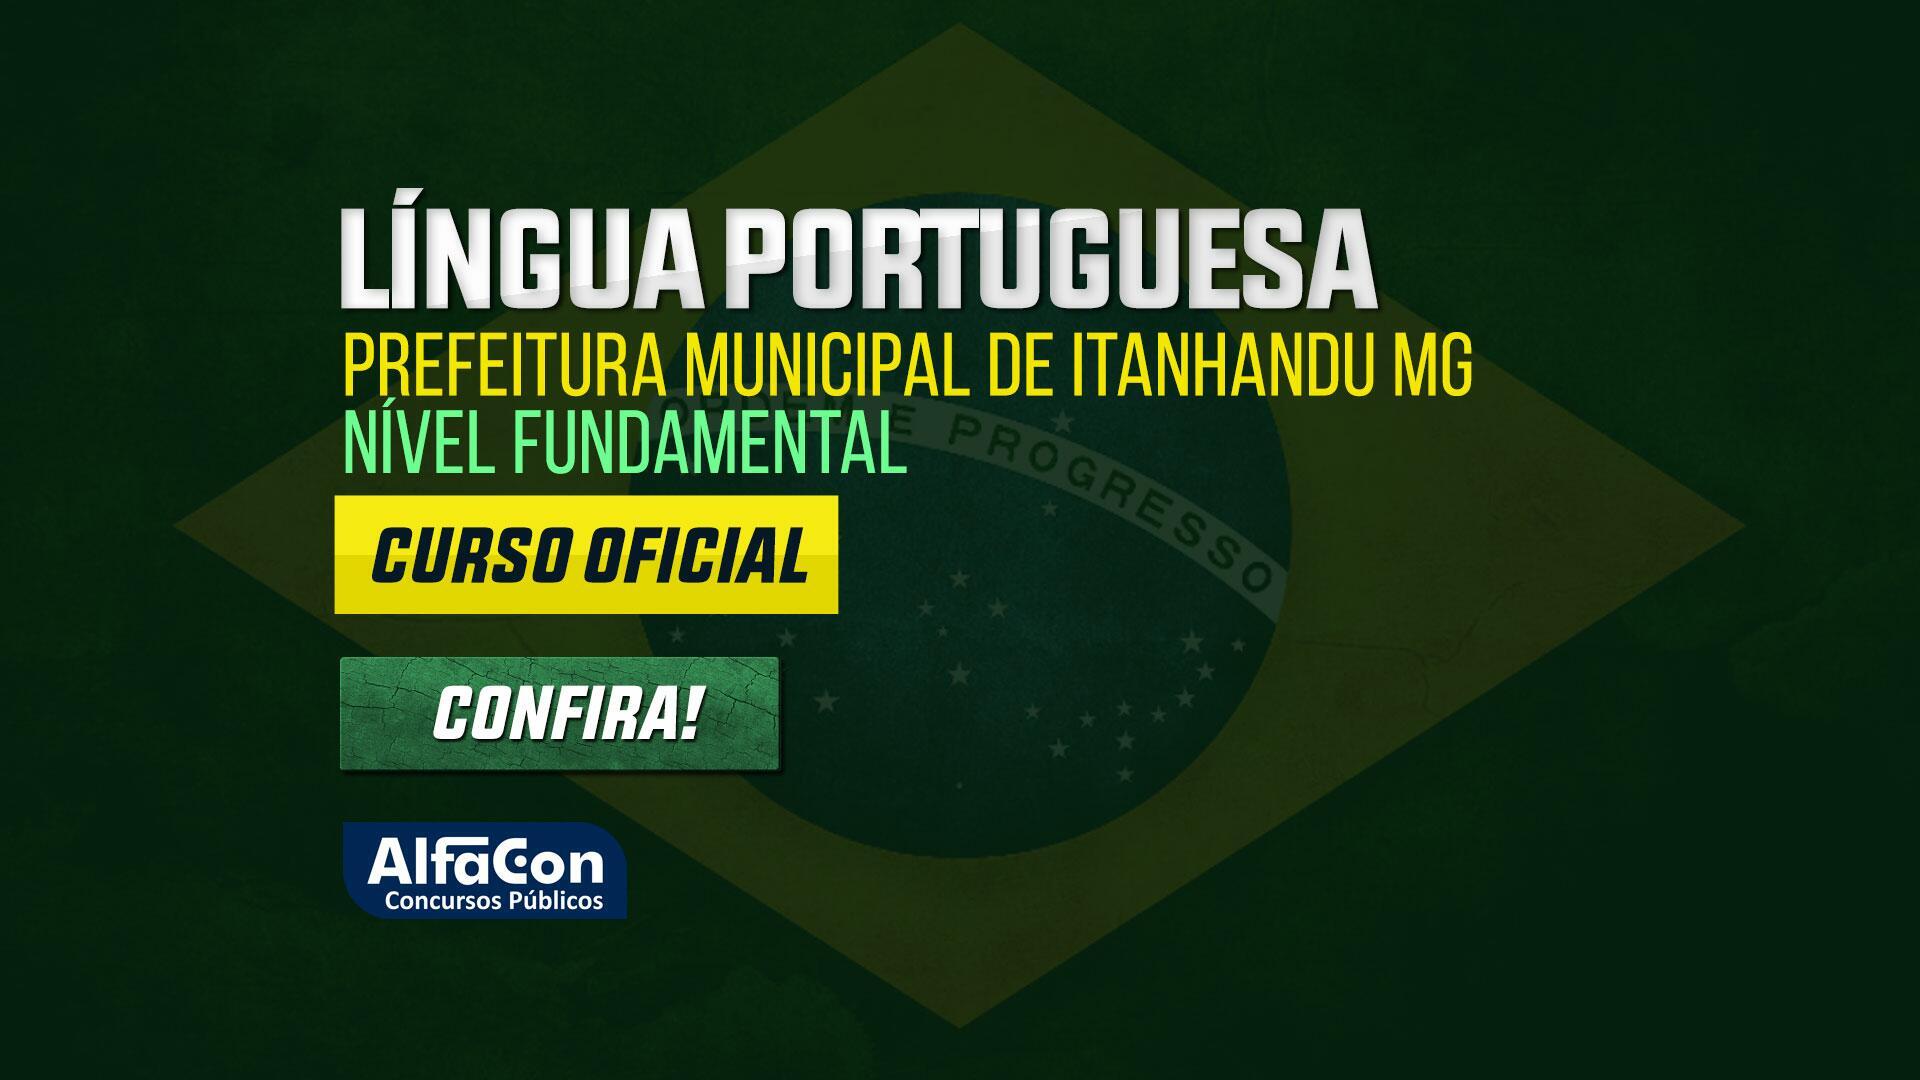 Língua Portuguesa para Prefeitura Municipal de Itanhandu MG - Nível Fundamental